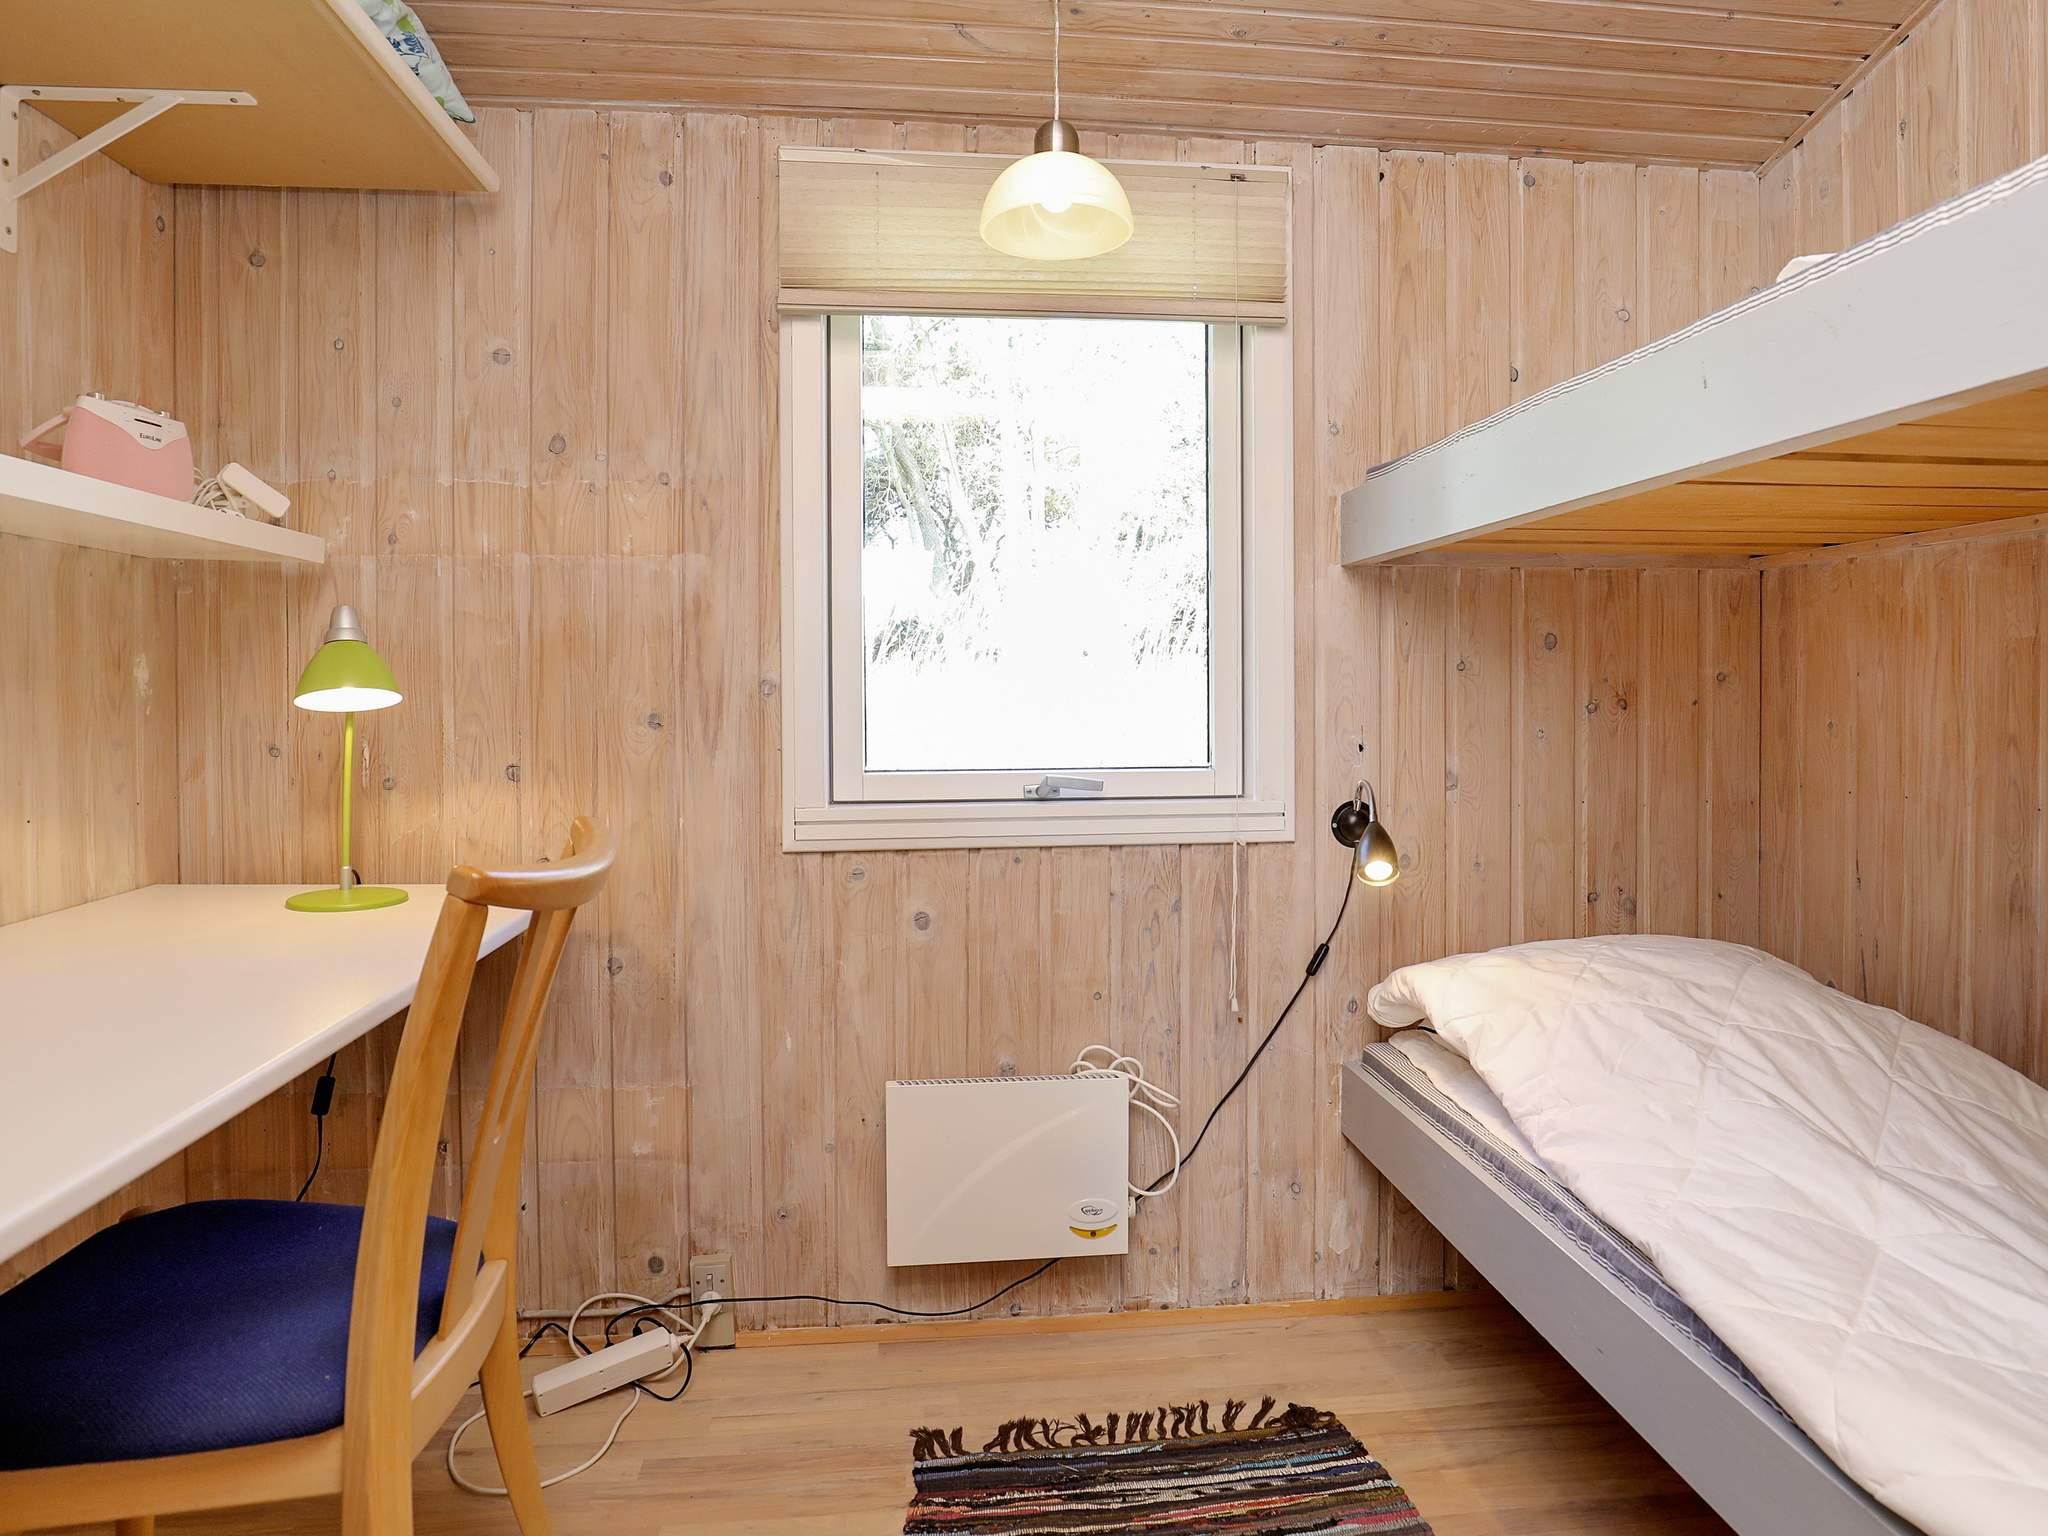 Ferienhaus Kjul Strand (2523809), Hirtshals, , Nordwestjütland, Dänemark, Bild 9